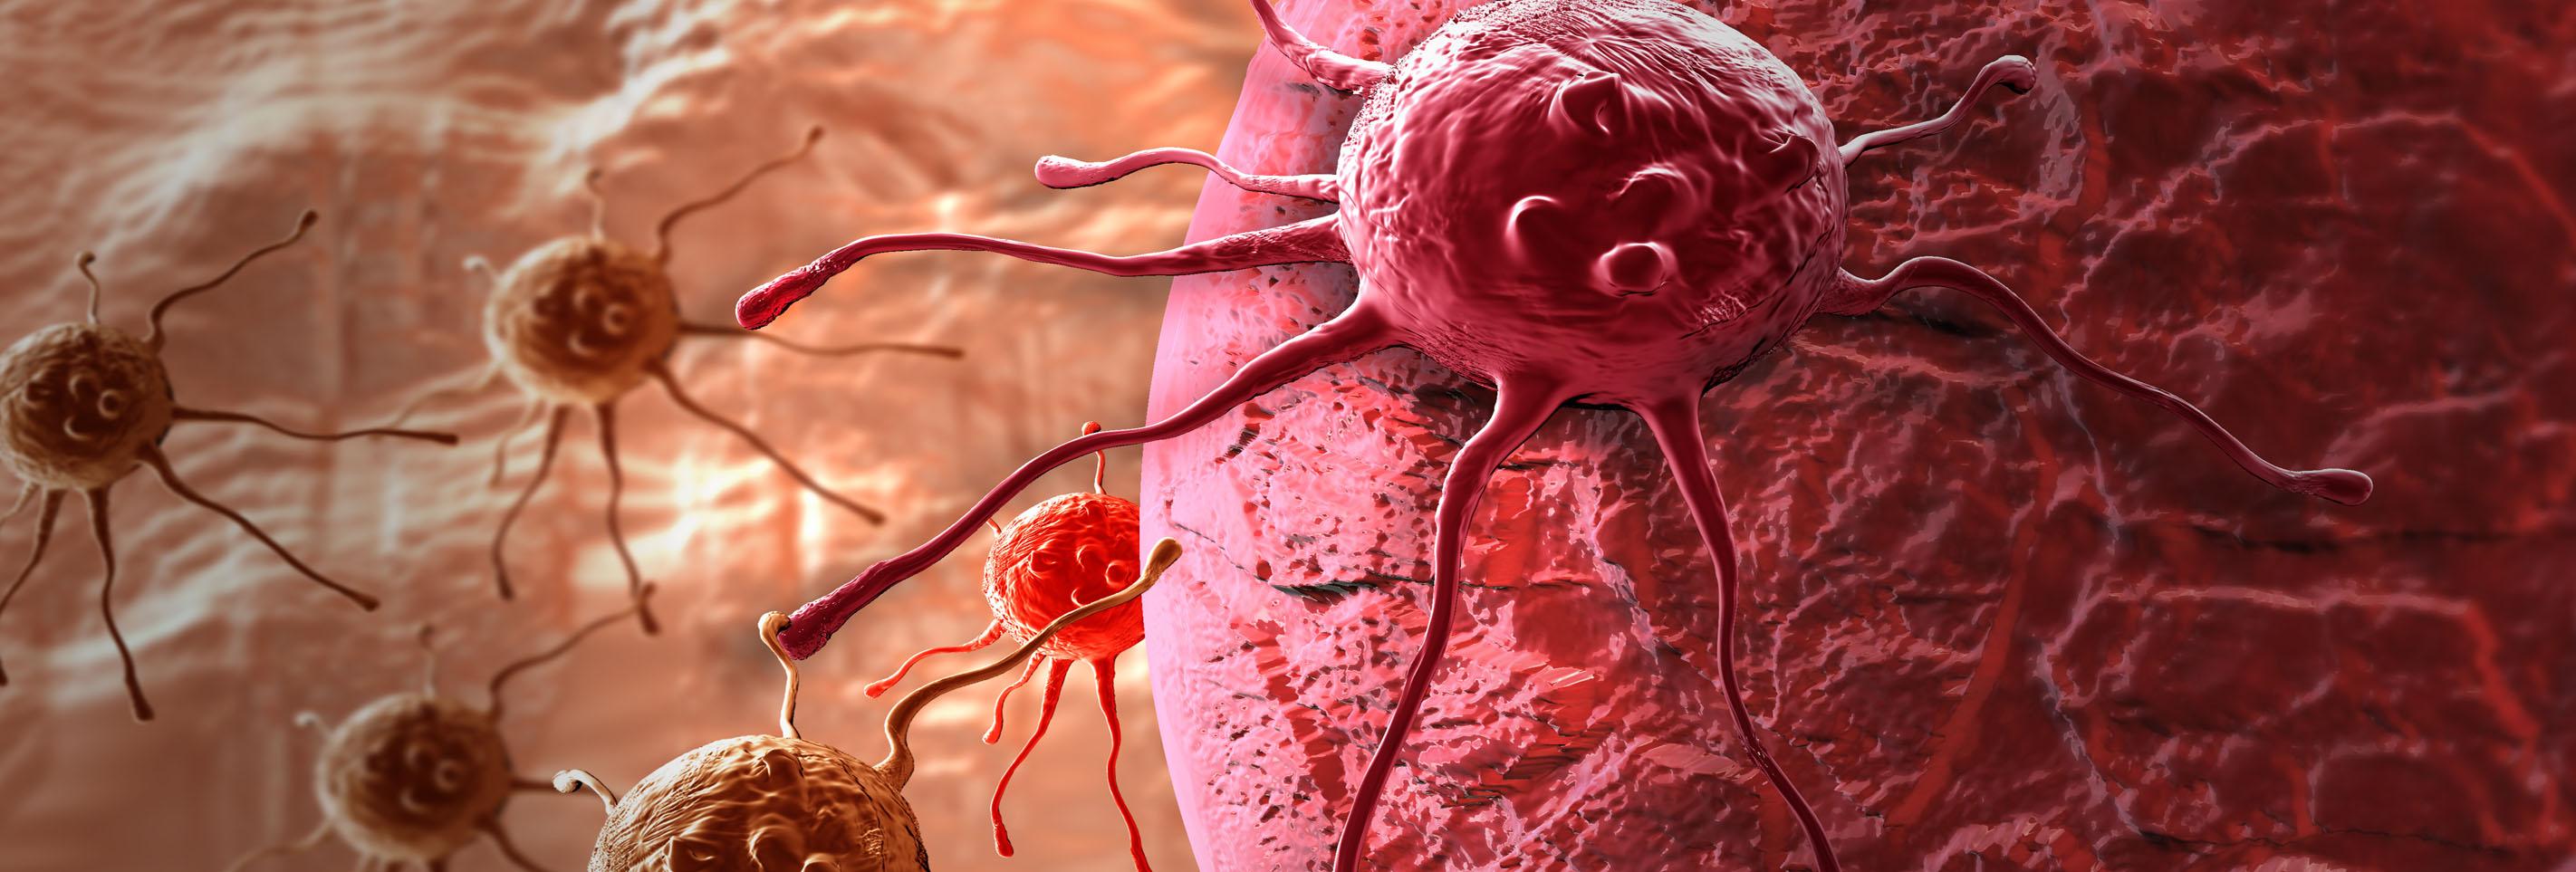 Afbeeldingsresultaat voor kanker